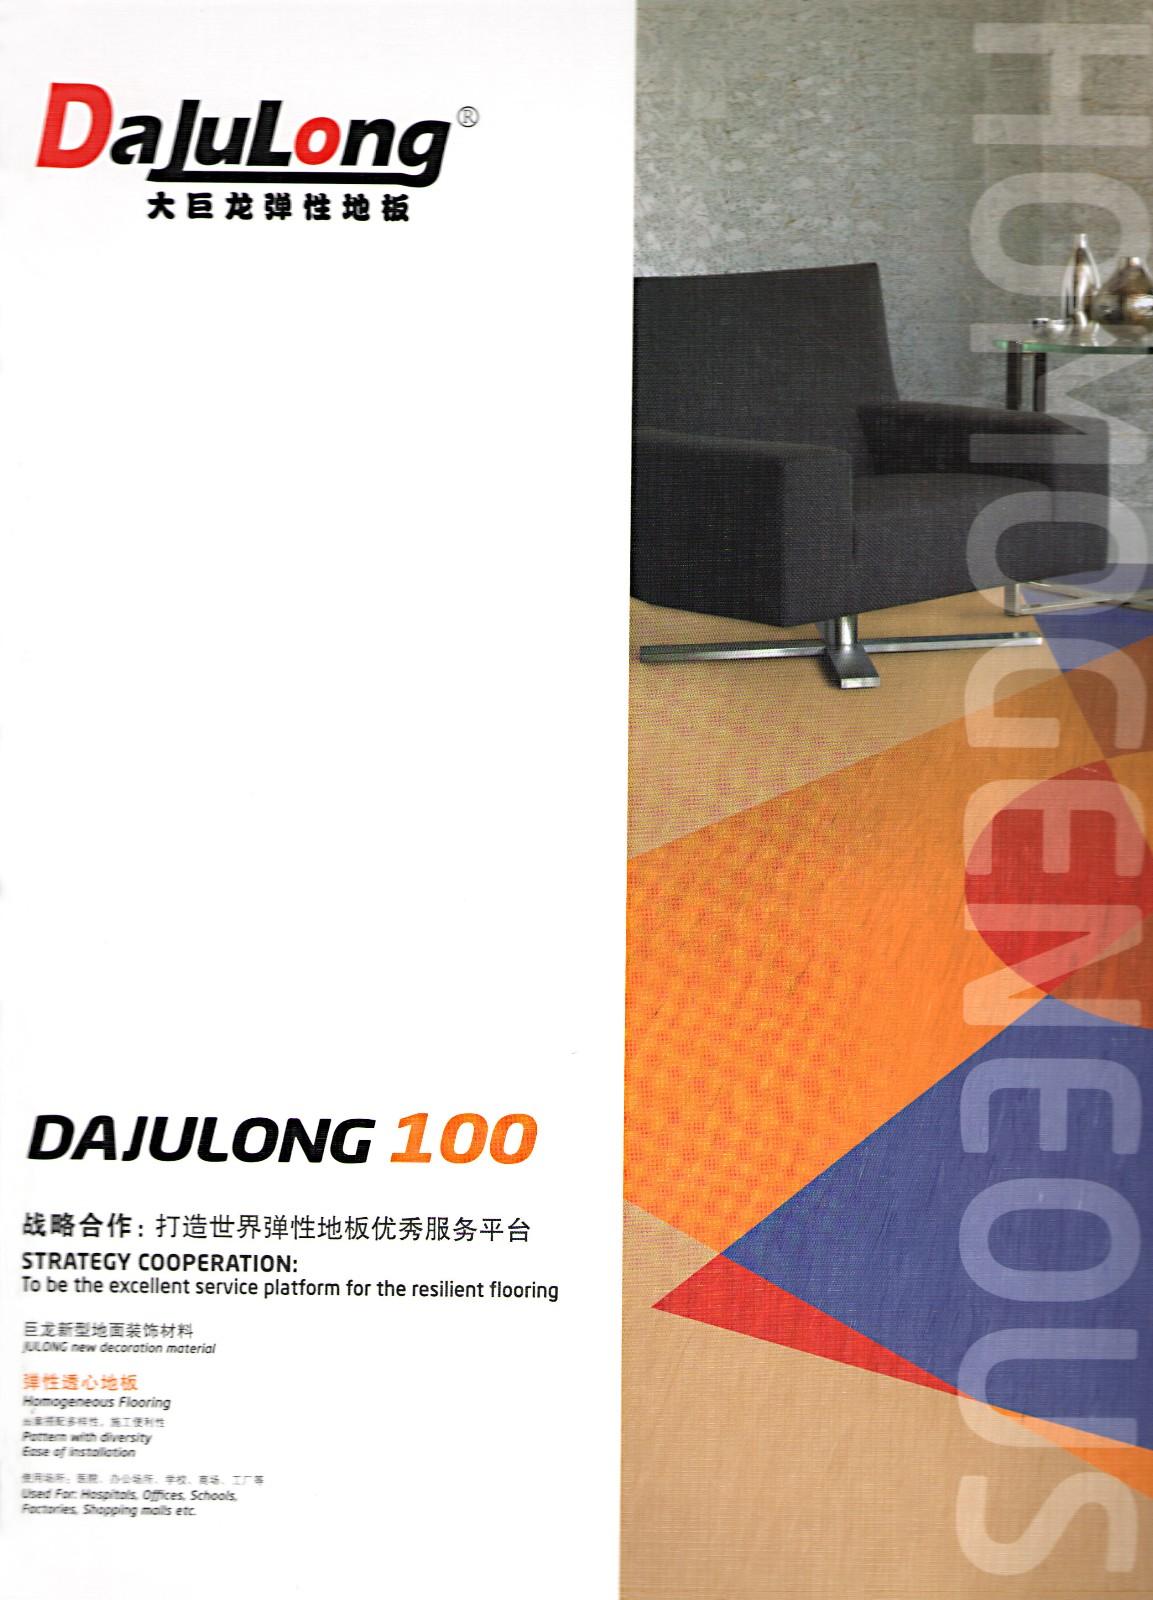 大巨龙NO. 100PVC地板|大巨龙系列-陕西棋牌挣钱建材有限责任公司